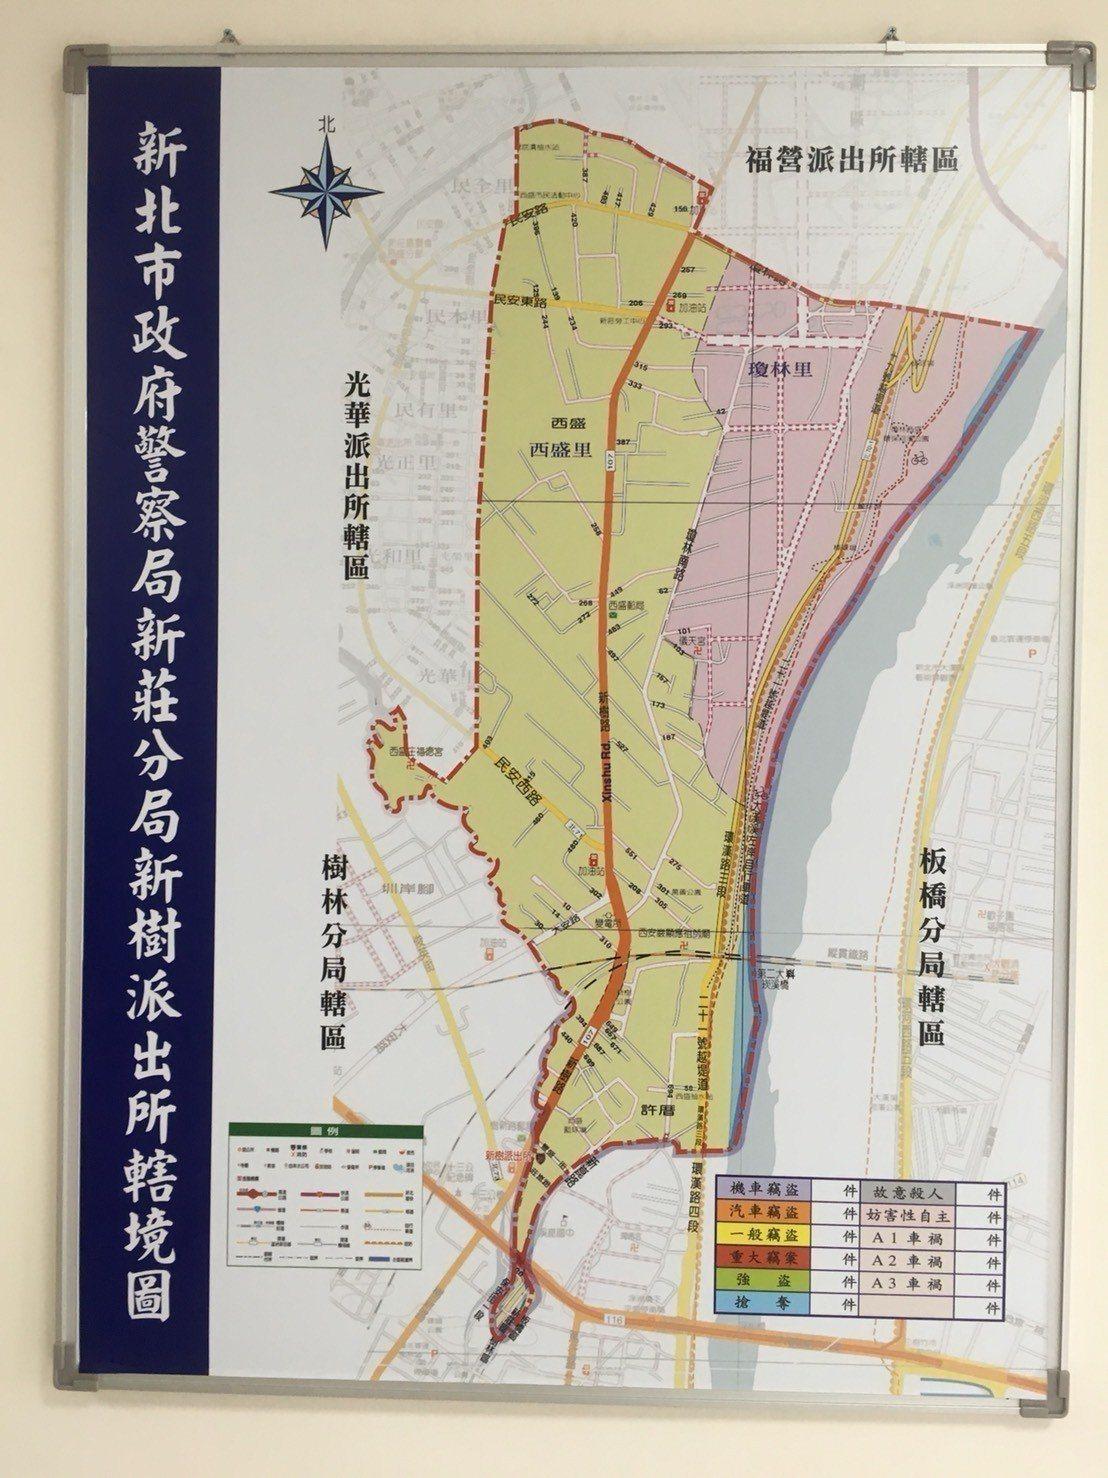 新樹派出所轄區範圍,主管新莊區西盛里及瓊林里。記者巫鴻瑋/攝影